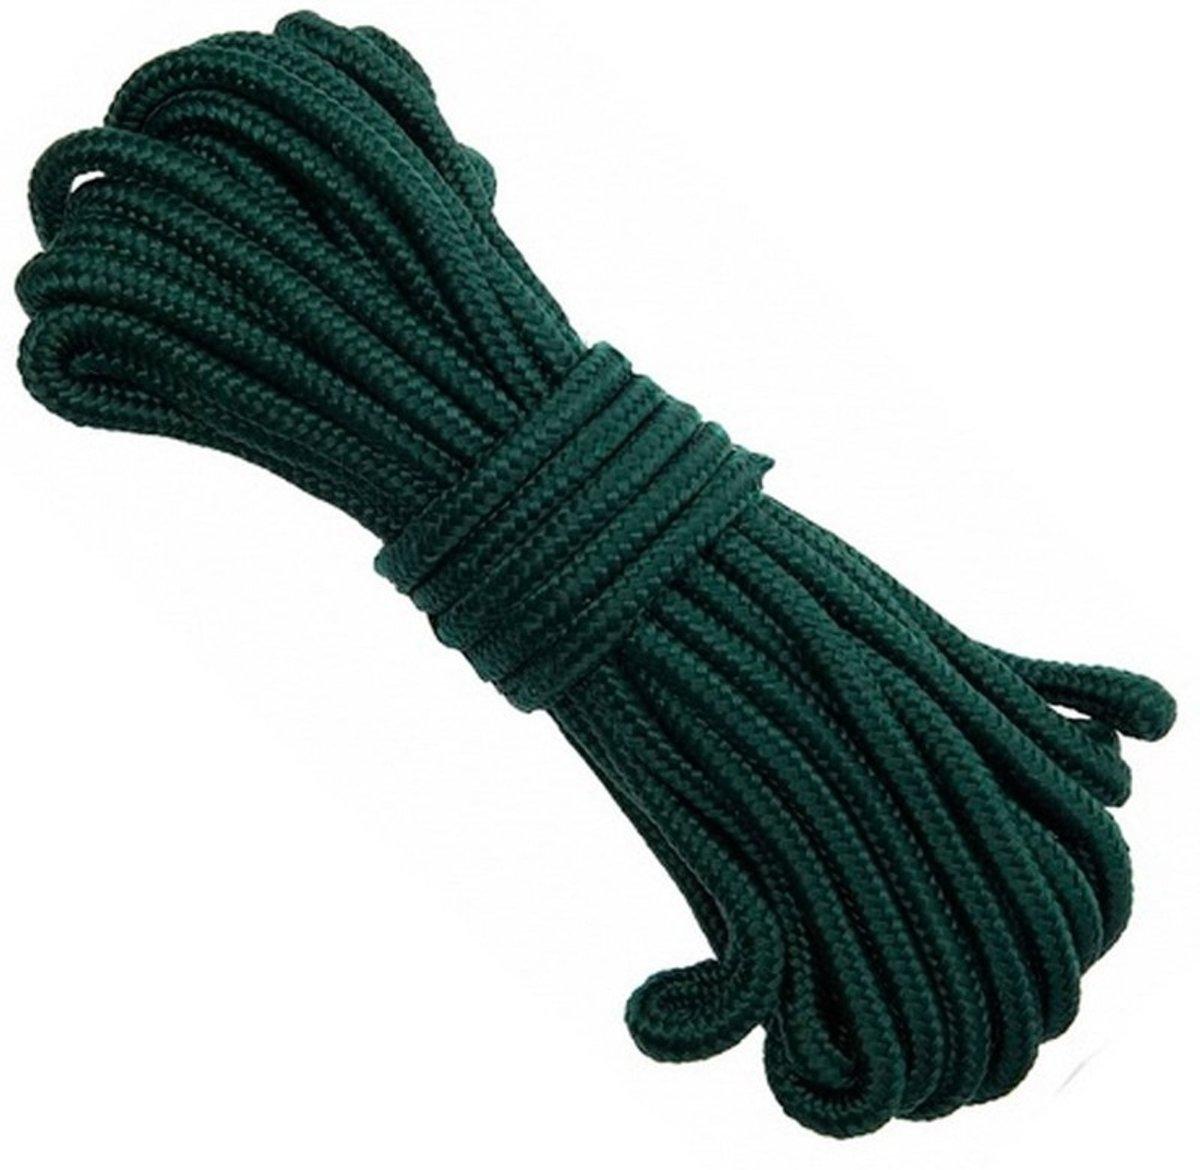 Stevig outdoor touw/koord 5 mm 15 meter kopen